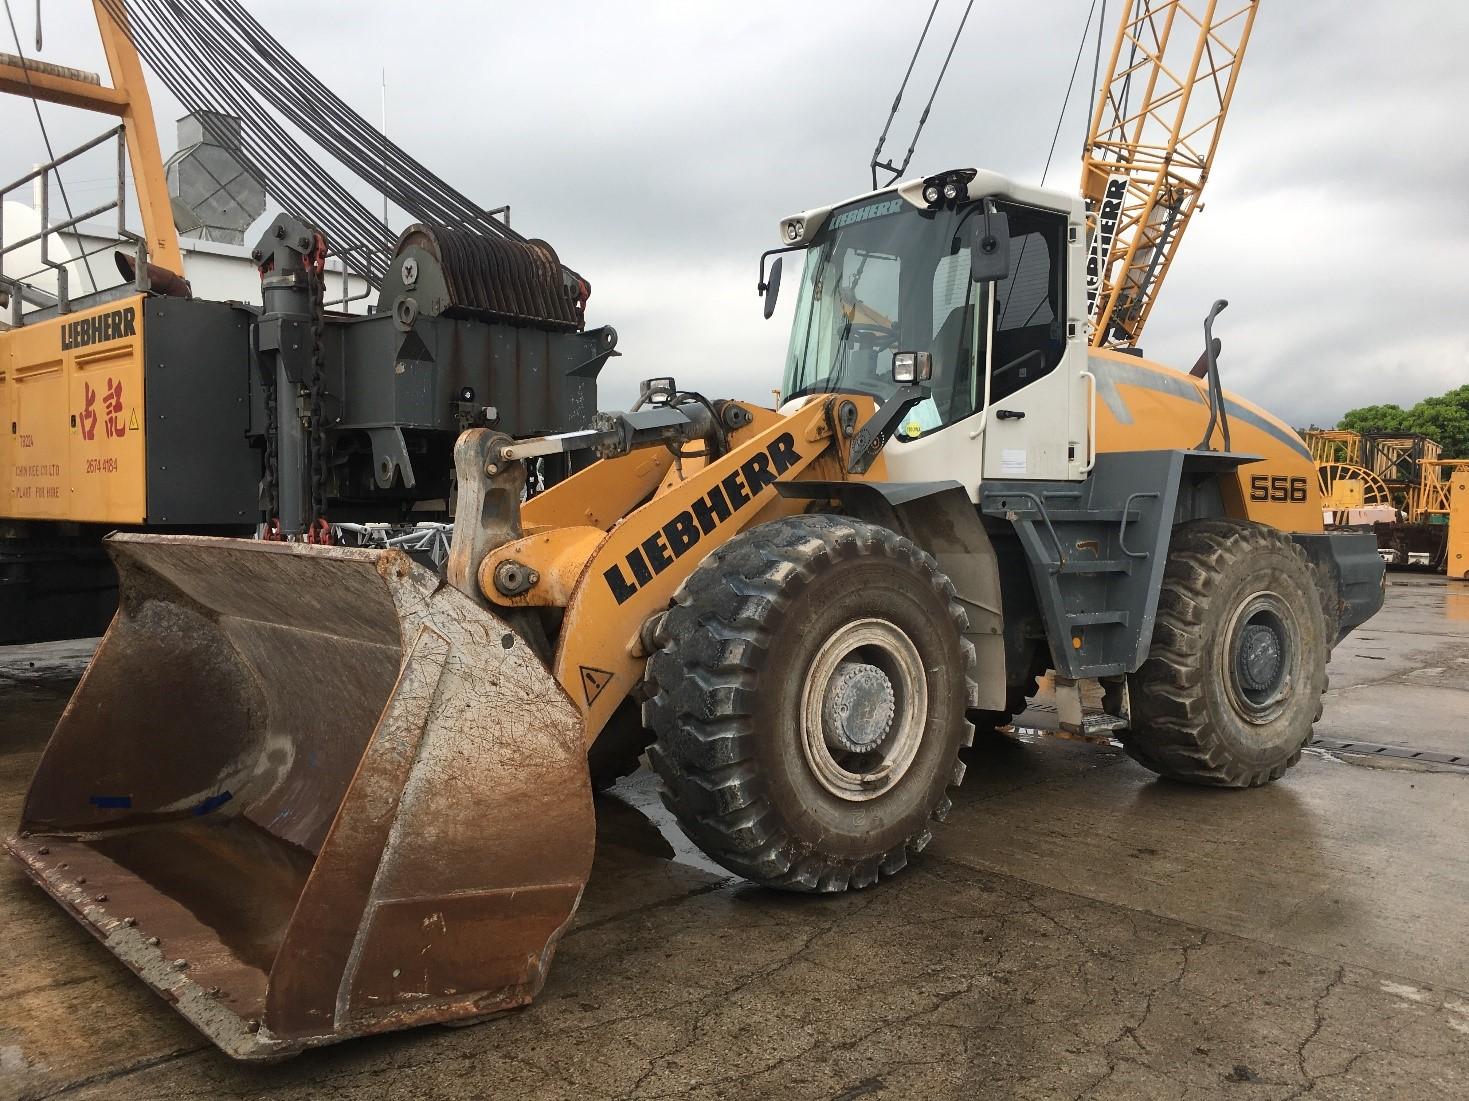 Wheel loader L 556.jpg